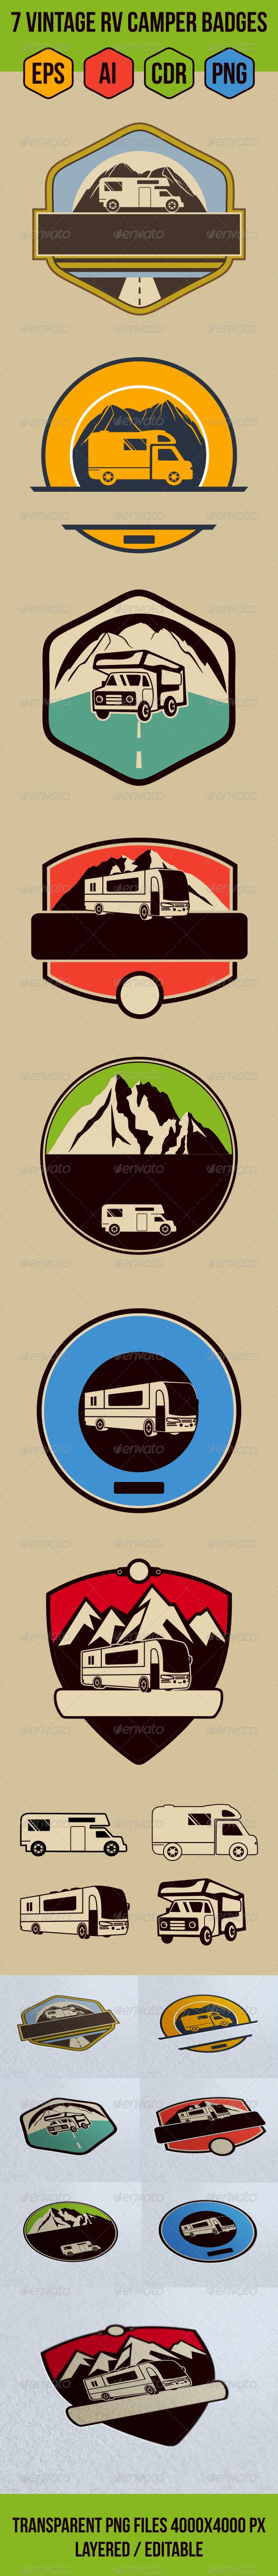 7 Vintage RV Camper Badges - Retro Technology